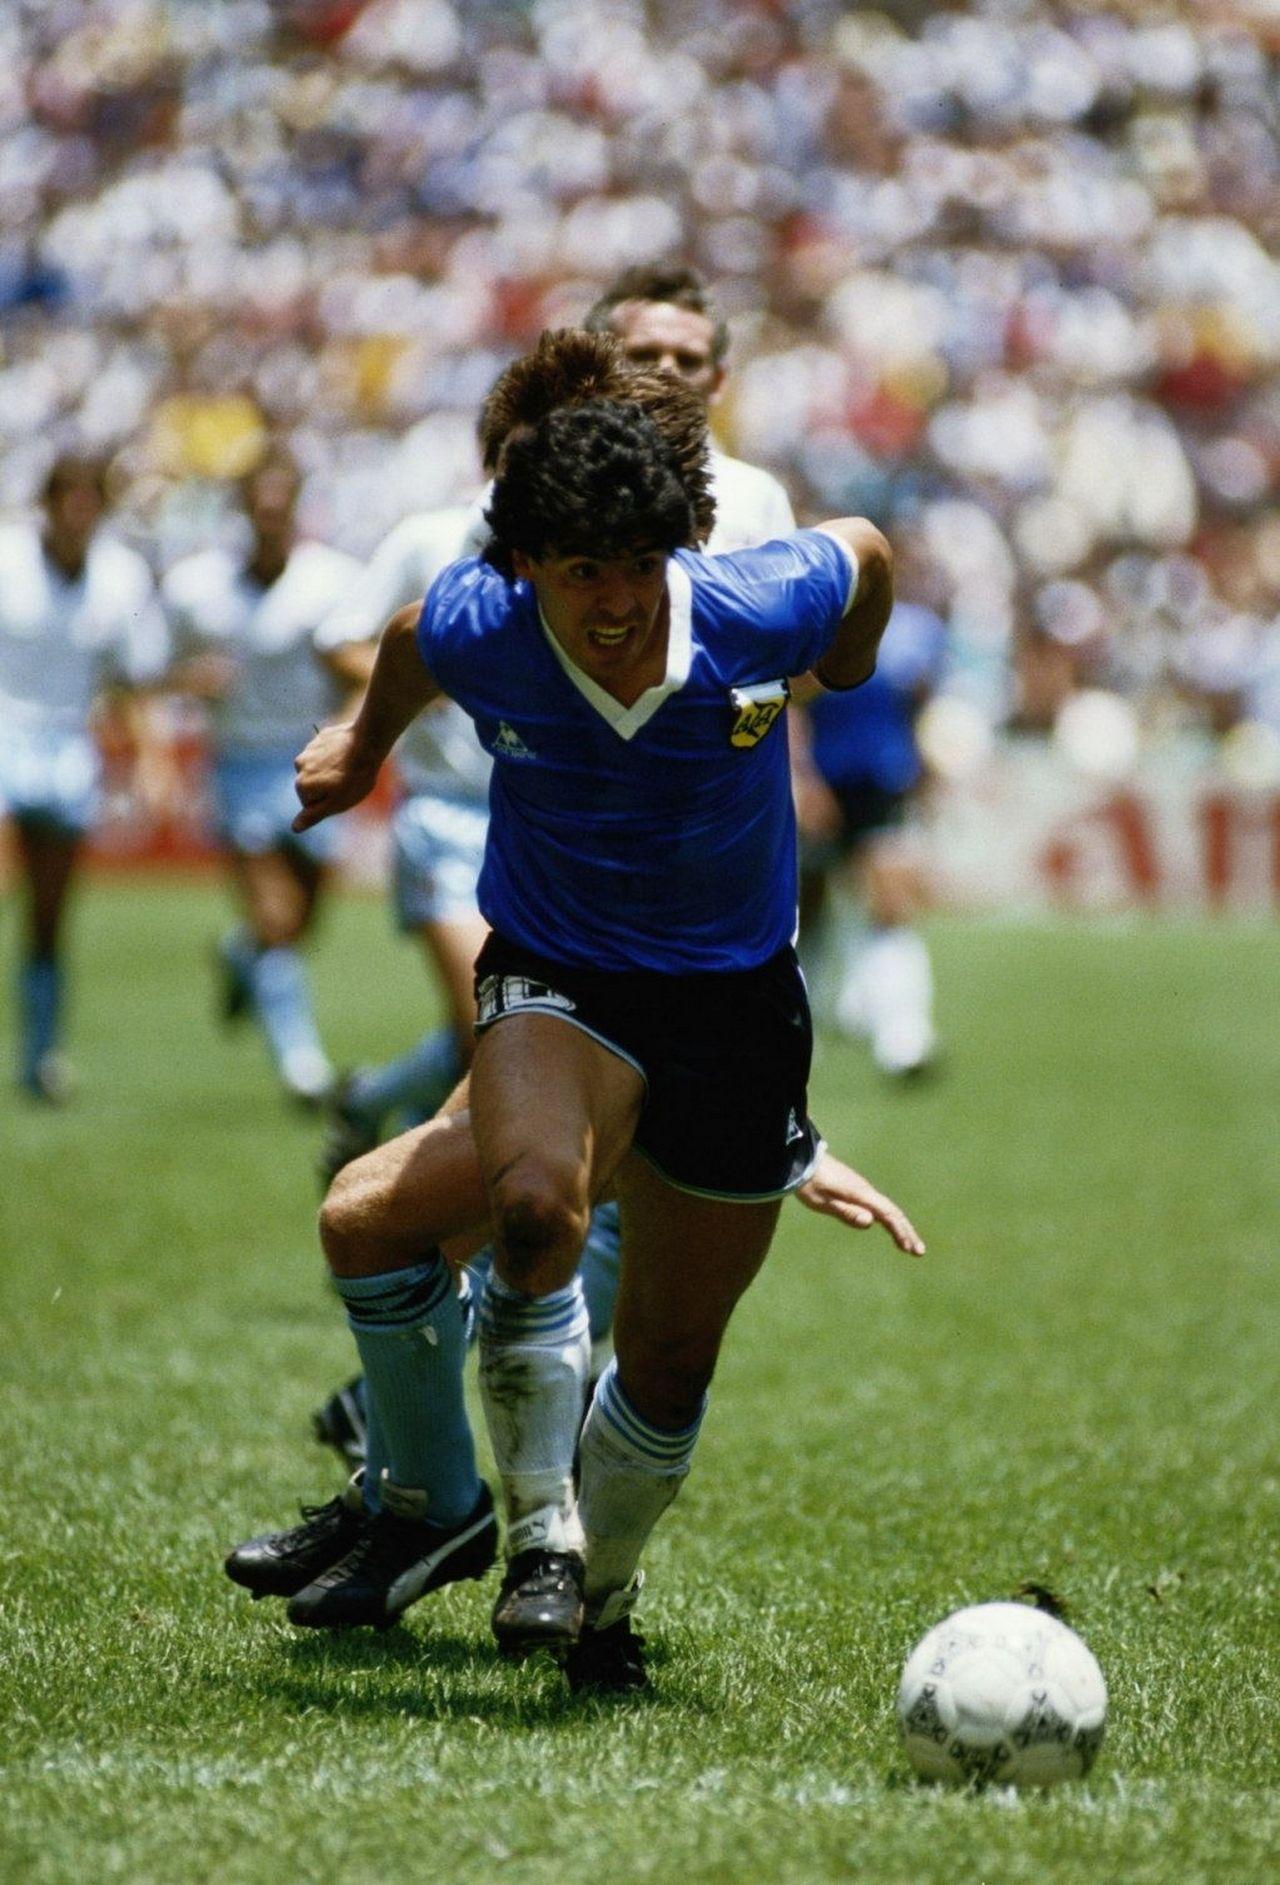 Maradona Argentina Vs England Fifaworldcup 1986 Seleccion Argentina De Futbol Fotografia De Futbol Futbol Argentino